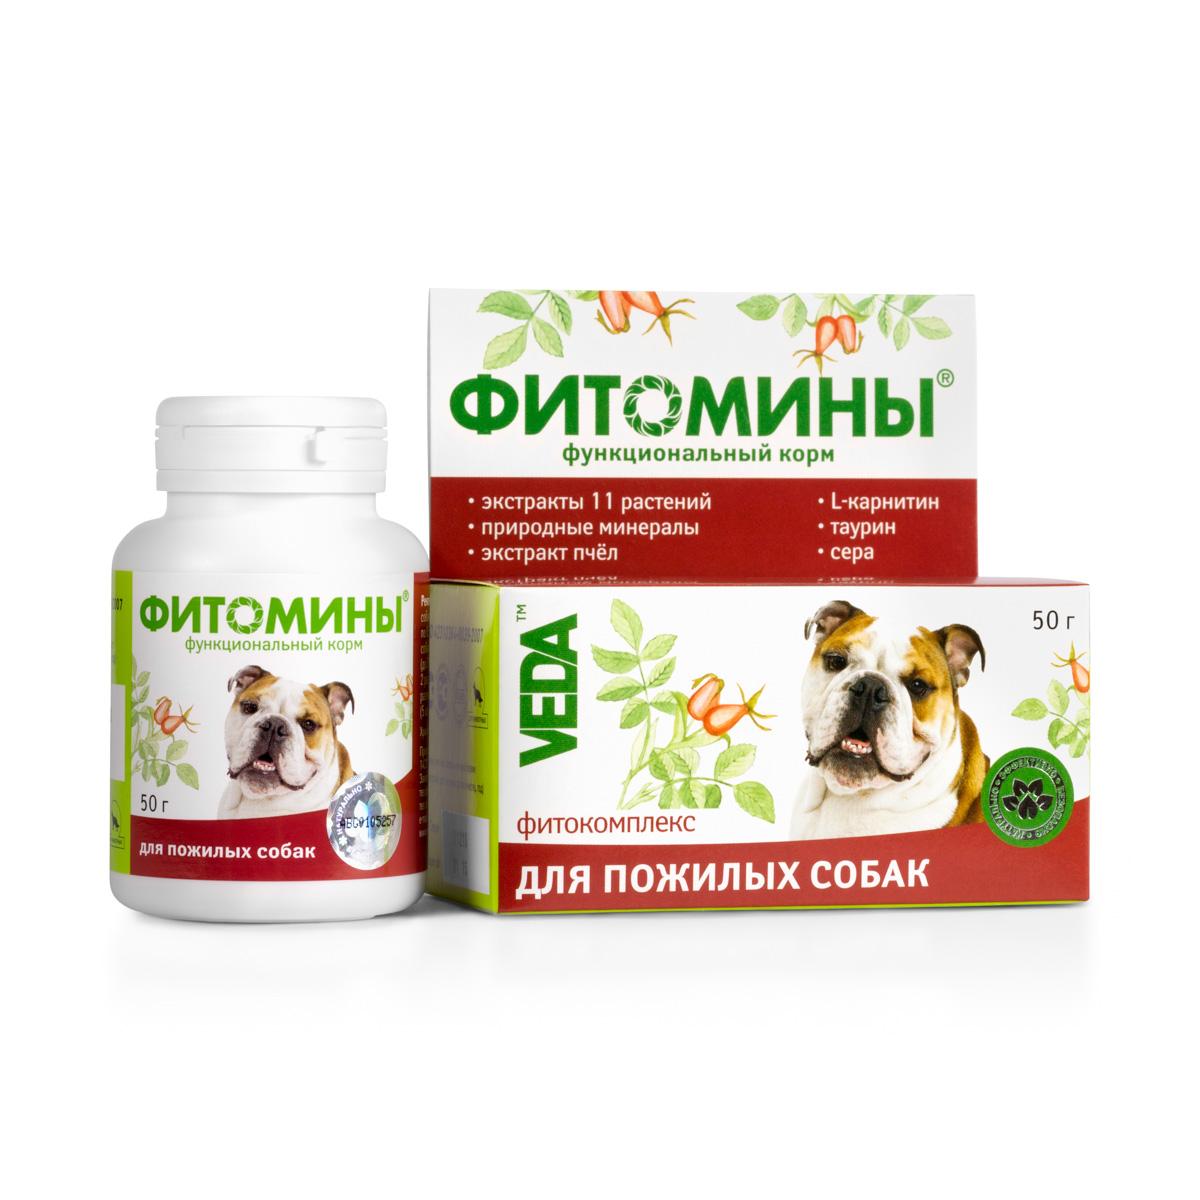 Корм VEDA Фитомины для пожилых собак, функциональный, 50 г622Функциональный корм VEDA Фитомины для пожилых собак улучшает общее состояние системы кровообращения.Рекомендуется включать в рацион:- животным с нарушениями функциями сердечно-сосудистой системы, периферического, мозгового и коронарного кровообращения, - пожилым животным для повышения устойчивости к сердечно-сосудистым заболеваниям.Состав: лактоза; крахмал; дрожжи пивные; фитокомплекс: травы мелиссы лекарственной, плодов боярышника, травы пустырника сердечного, корневищ с корнями валерьяны, травы донника, листьев мяты перечной, травы котовника, травы тысячелистника, травы горца птичьего, травы сушеницы болотной, травы буквицы; природный минеральный комплекс; паровая мясная мука; гидролизат коллагена; L-карнитин; экстракт пчел; таурин; сера; стеарат кальция.В 100 г продукта содержится (не менее): углеводы - 92 г; жиры - 0,1 г; белки – 2 г; кальций 600 мг; фосфор 360 мг; железо 15 мг; цинк 4 мг; марганец 0,1 мг; медь 0,3 мг; L-карнитин 0,5 г; таурин 0,2 г; сера 0,1 г.Энергетическая ценность в 100 г: 380 ккал.Товар сертифицирован.